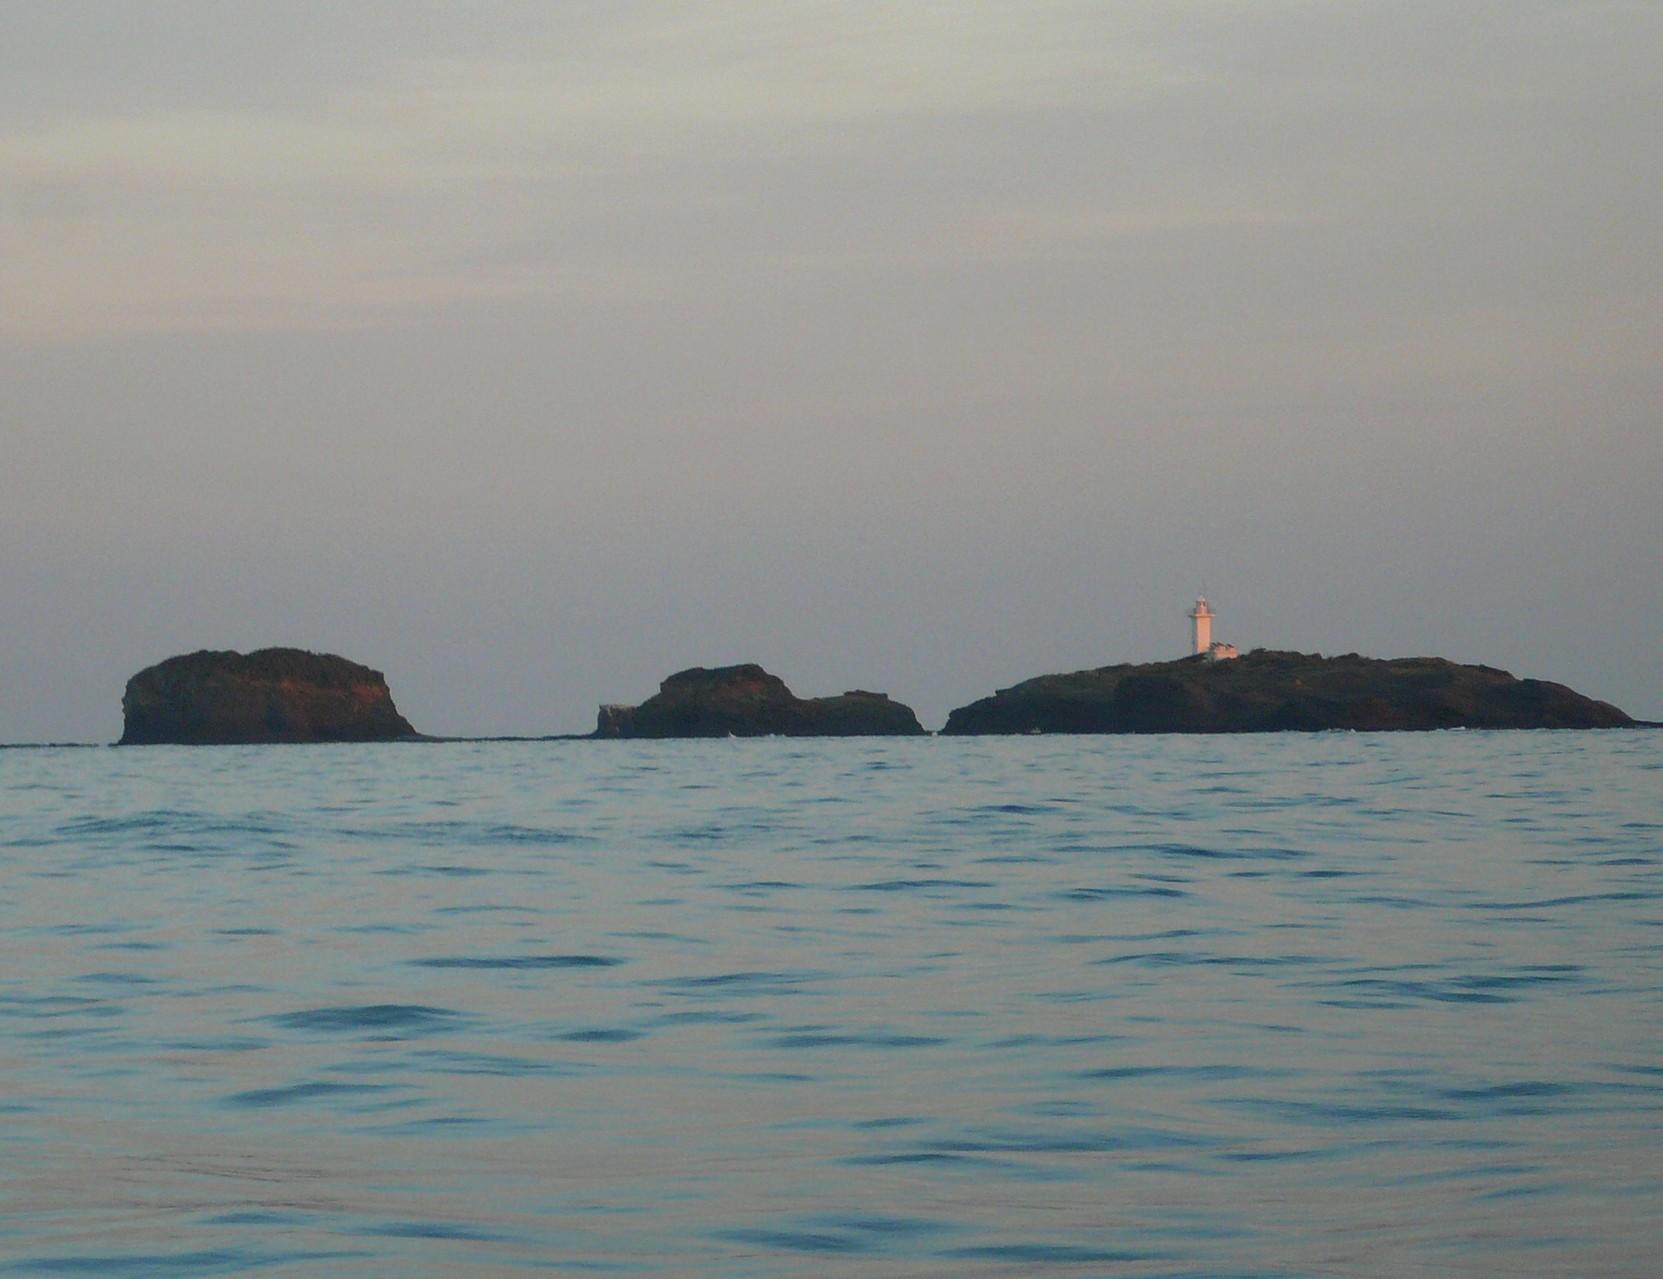 対馬最北端 夕日が当っている三ッ島・灯台